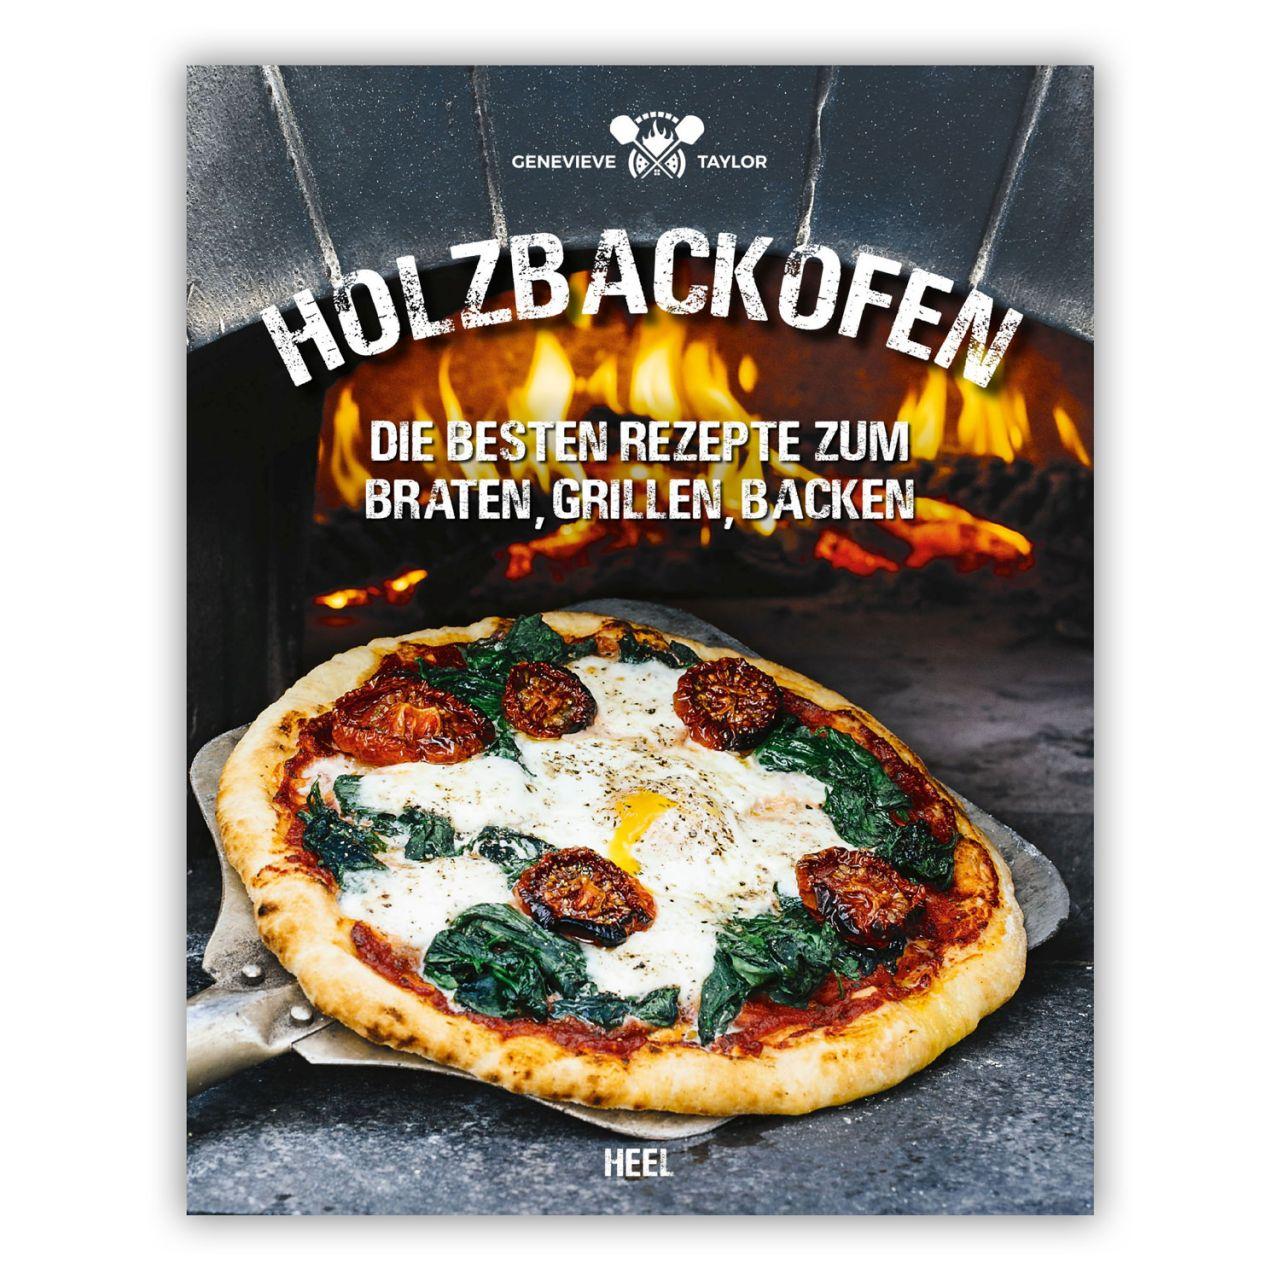 Heel Verlag Kochbuch Holzbackofen Die besten Rezepte zum Braten Grillen Backen 978-3-95843-809-5